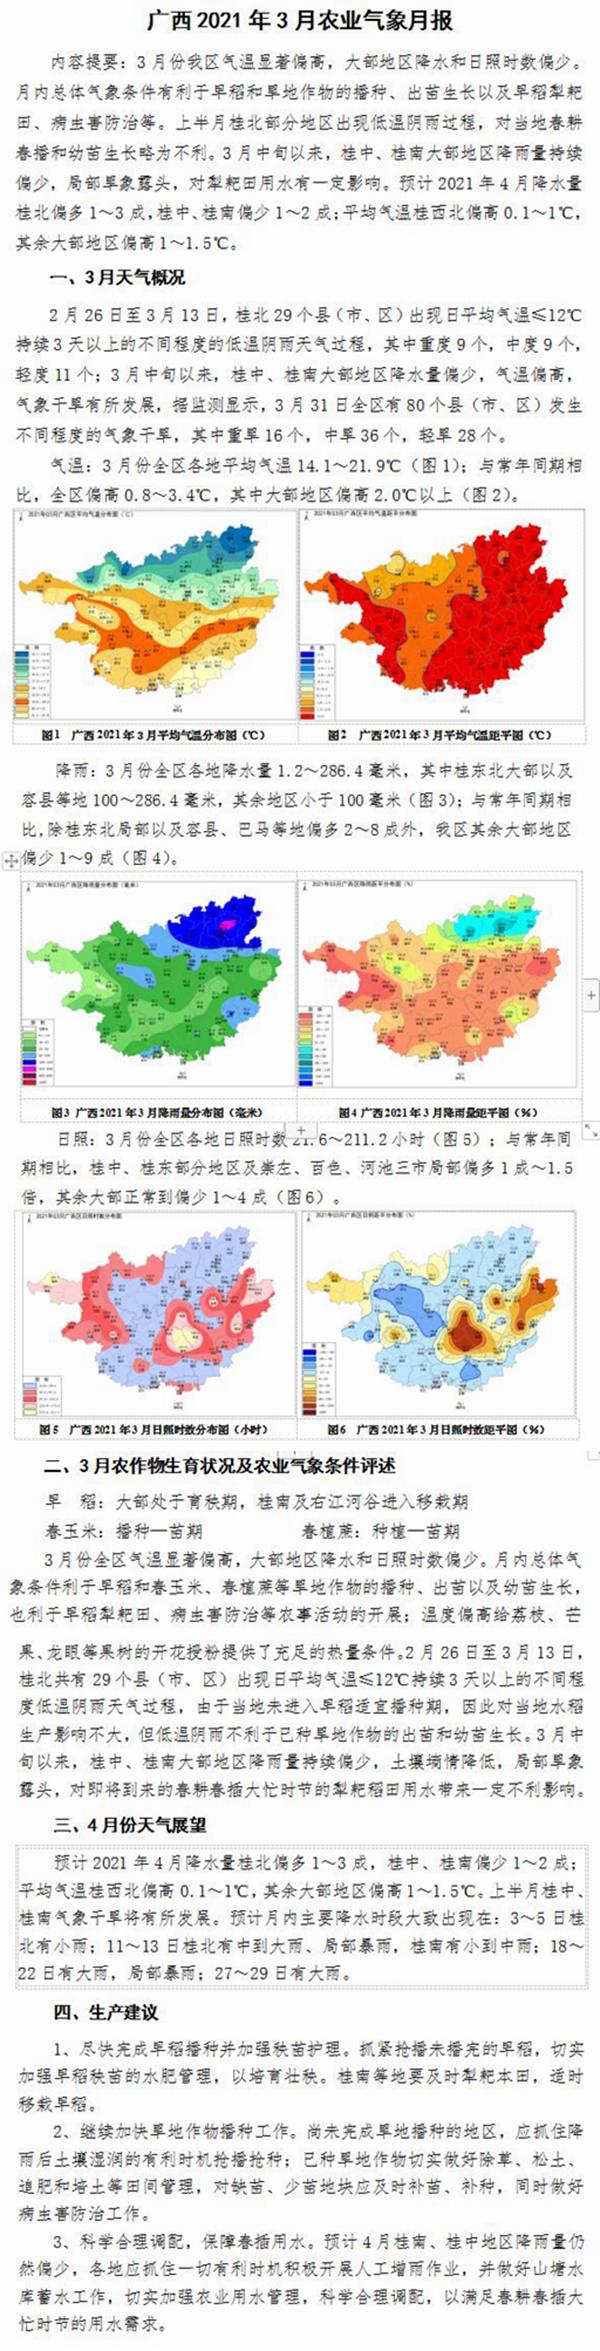 广西2021年3月农业气象月报